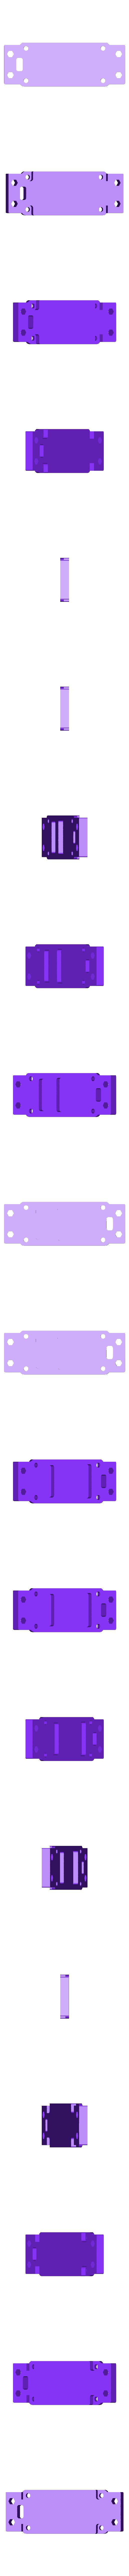 servo_lower_cover.stl Download free STL file Servo lower cover • 3D printing design, Ogrod3d